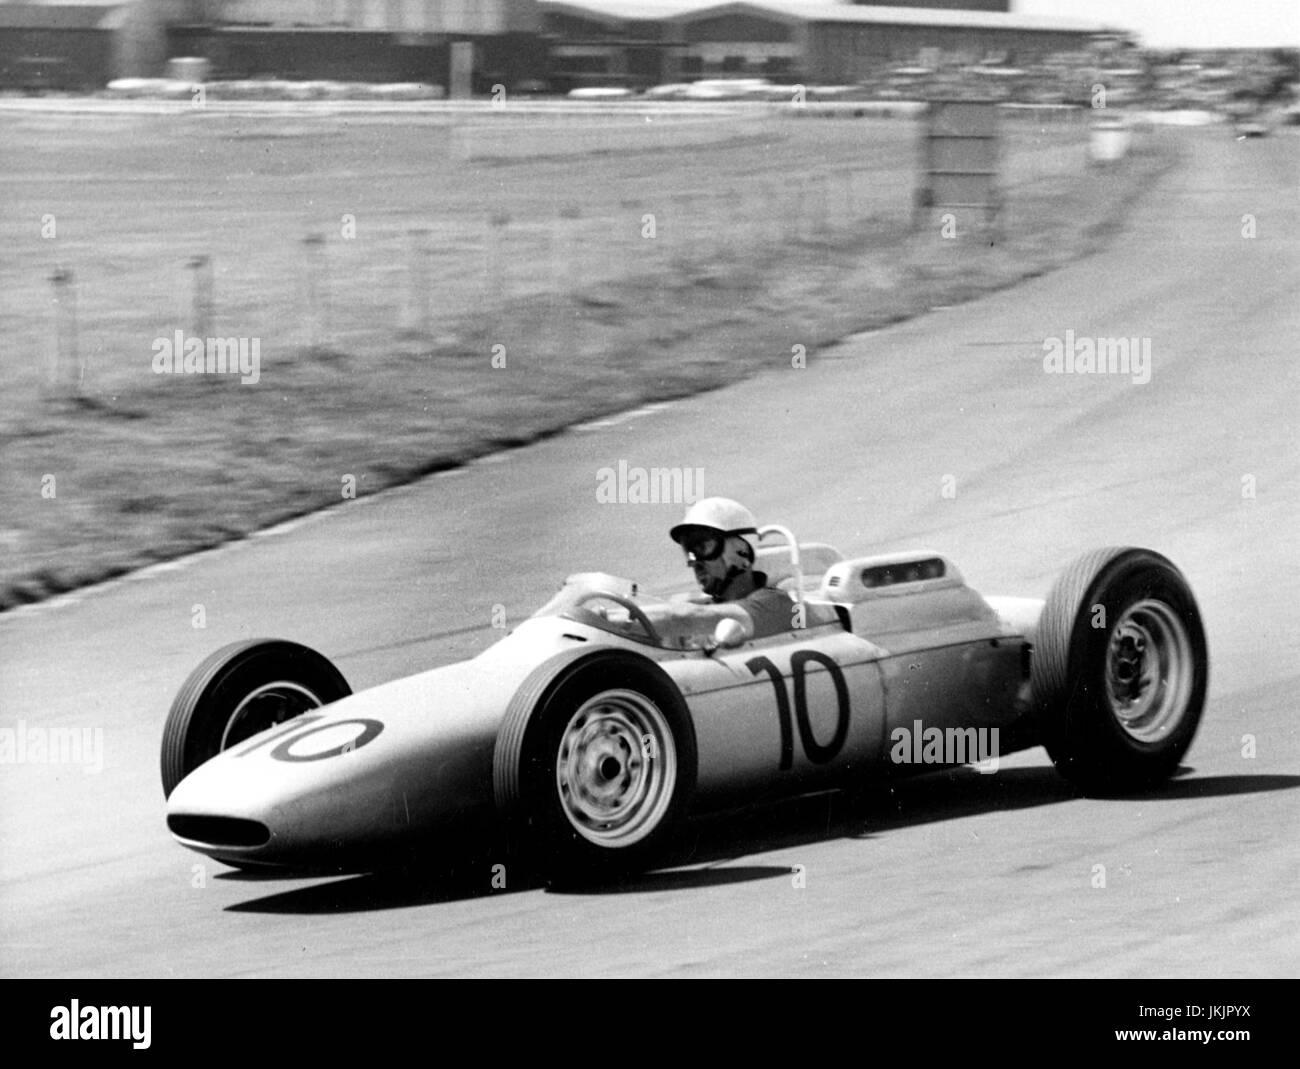 Porsche 804 Jo Bonnier 1962 British Grand Prix - Stock Image